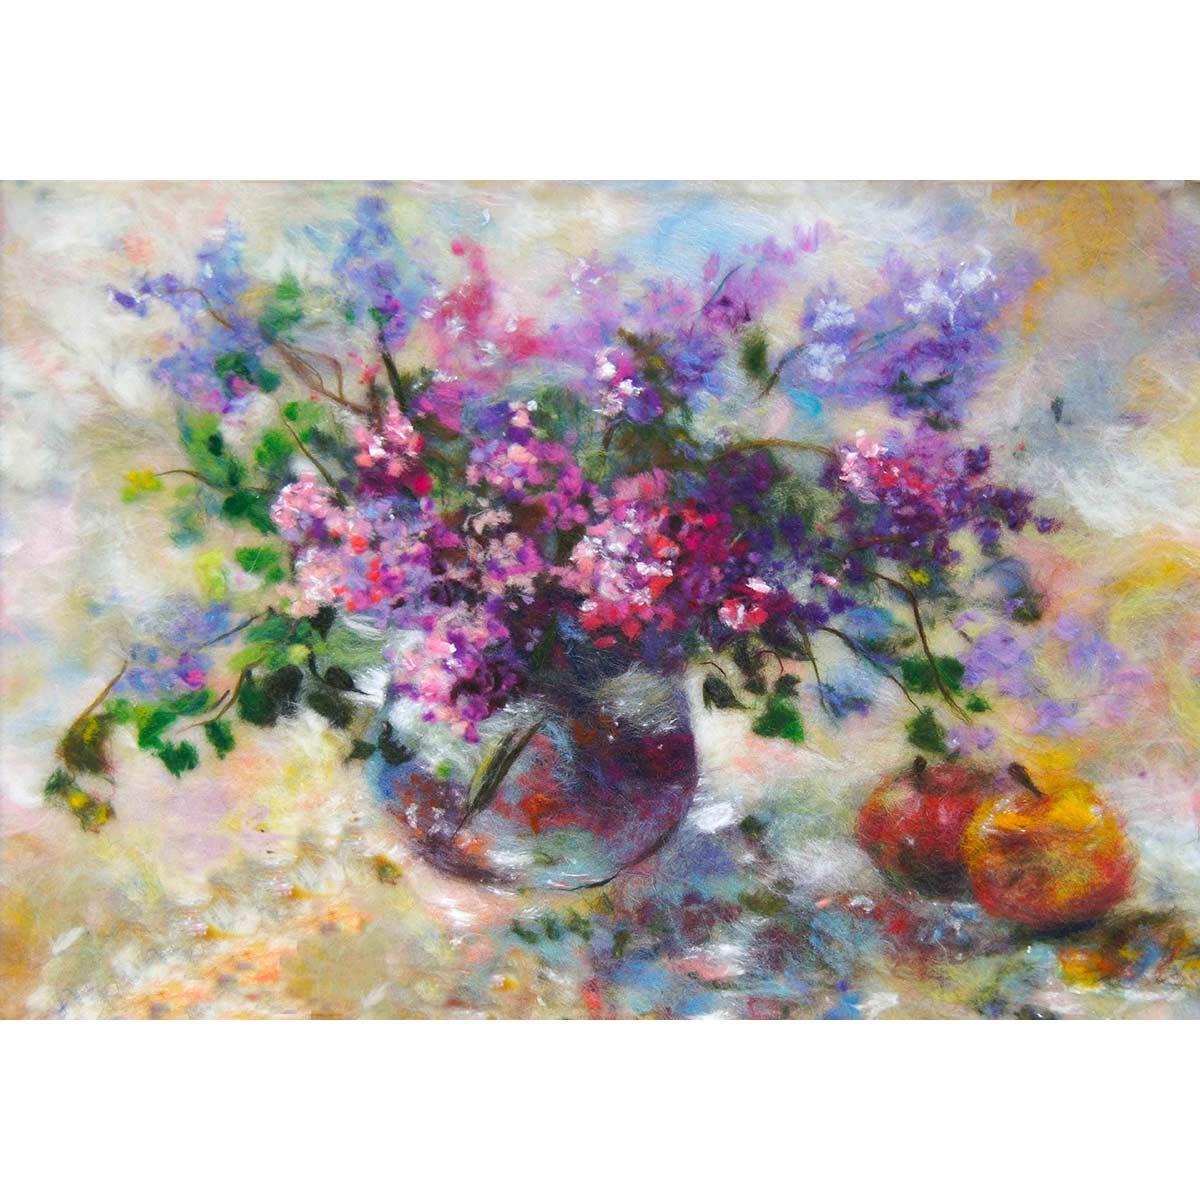 Набор для валяния (живопись цветной шерстью) 'Сирень' 21x29,7см (А4)